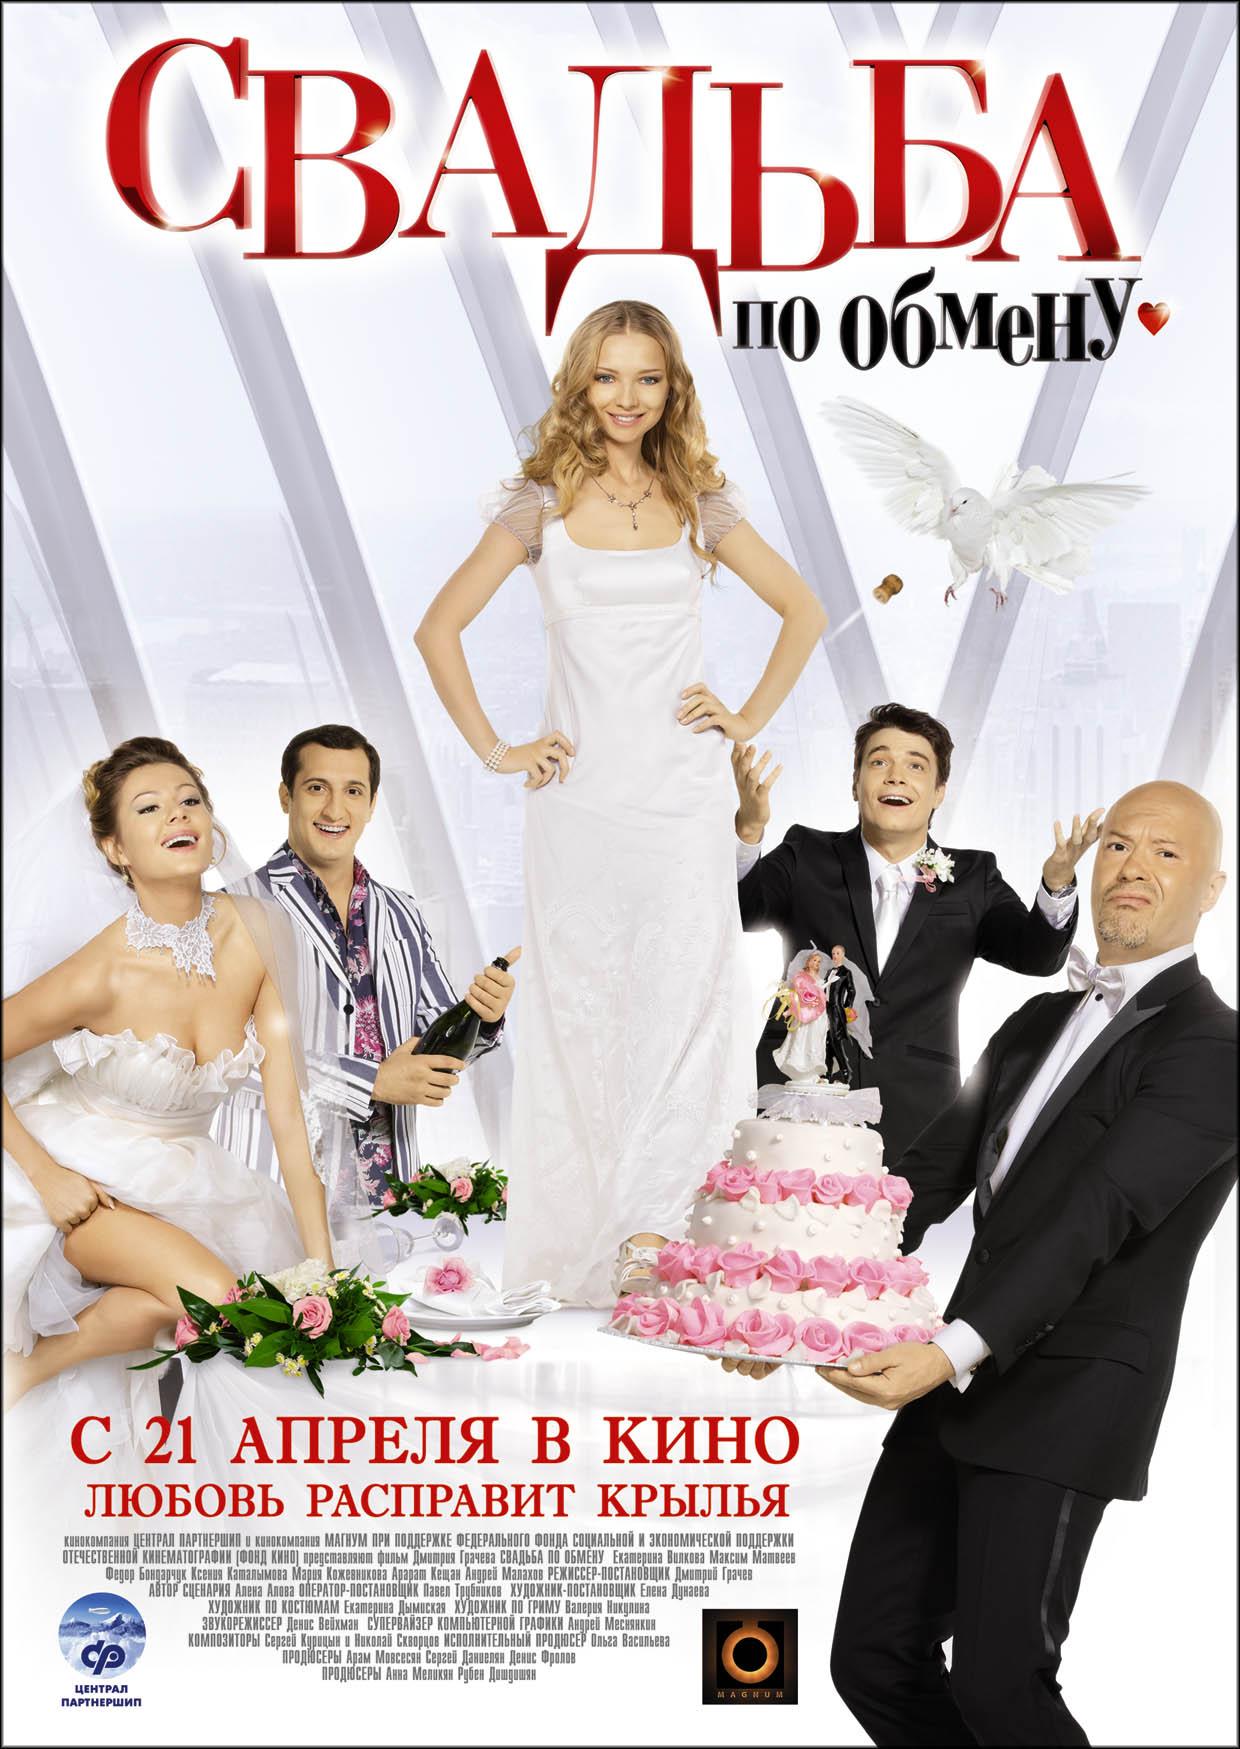 Смотреть бесплатно свадьба по обмену 2 12 фотография